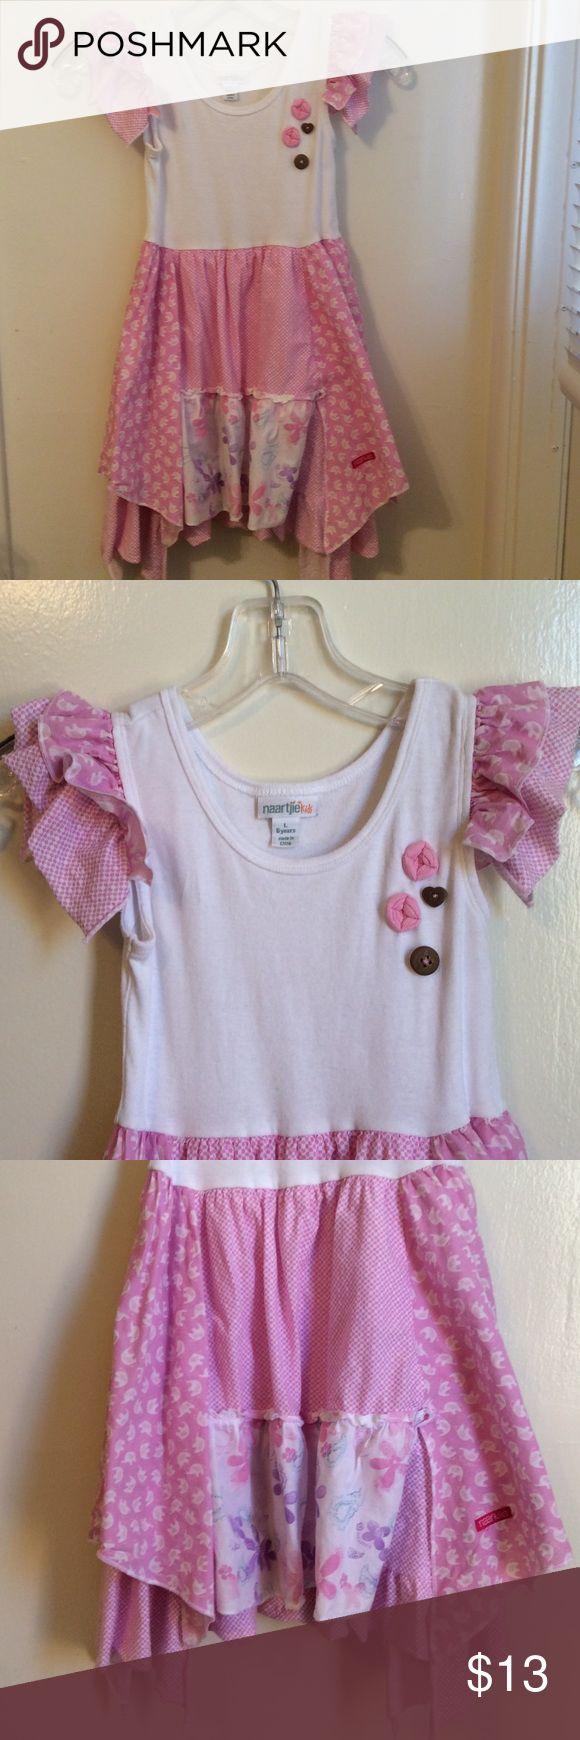 Naartije Kids Pink Dress Sz L 6 Elephants White Great used little girl dress in a size 6. No rips or stains lite wash wear. We loved it!! Smoke free home! naartije kids Dresses Casual